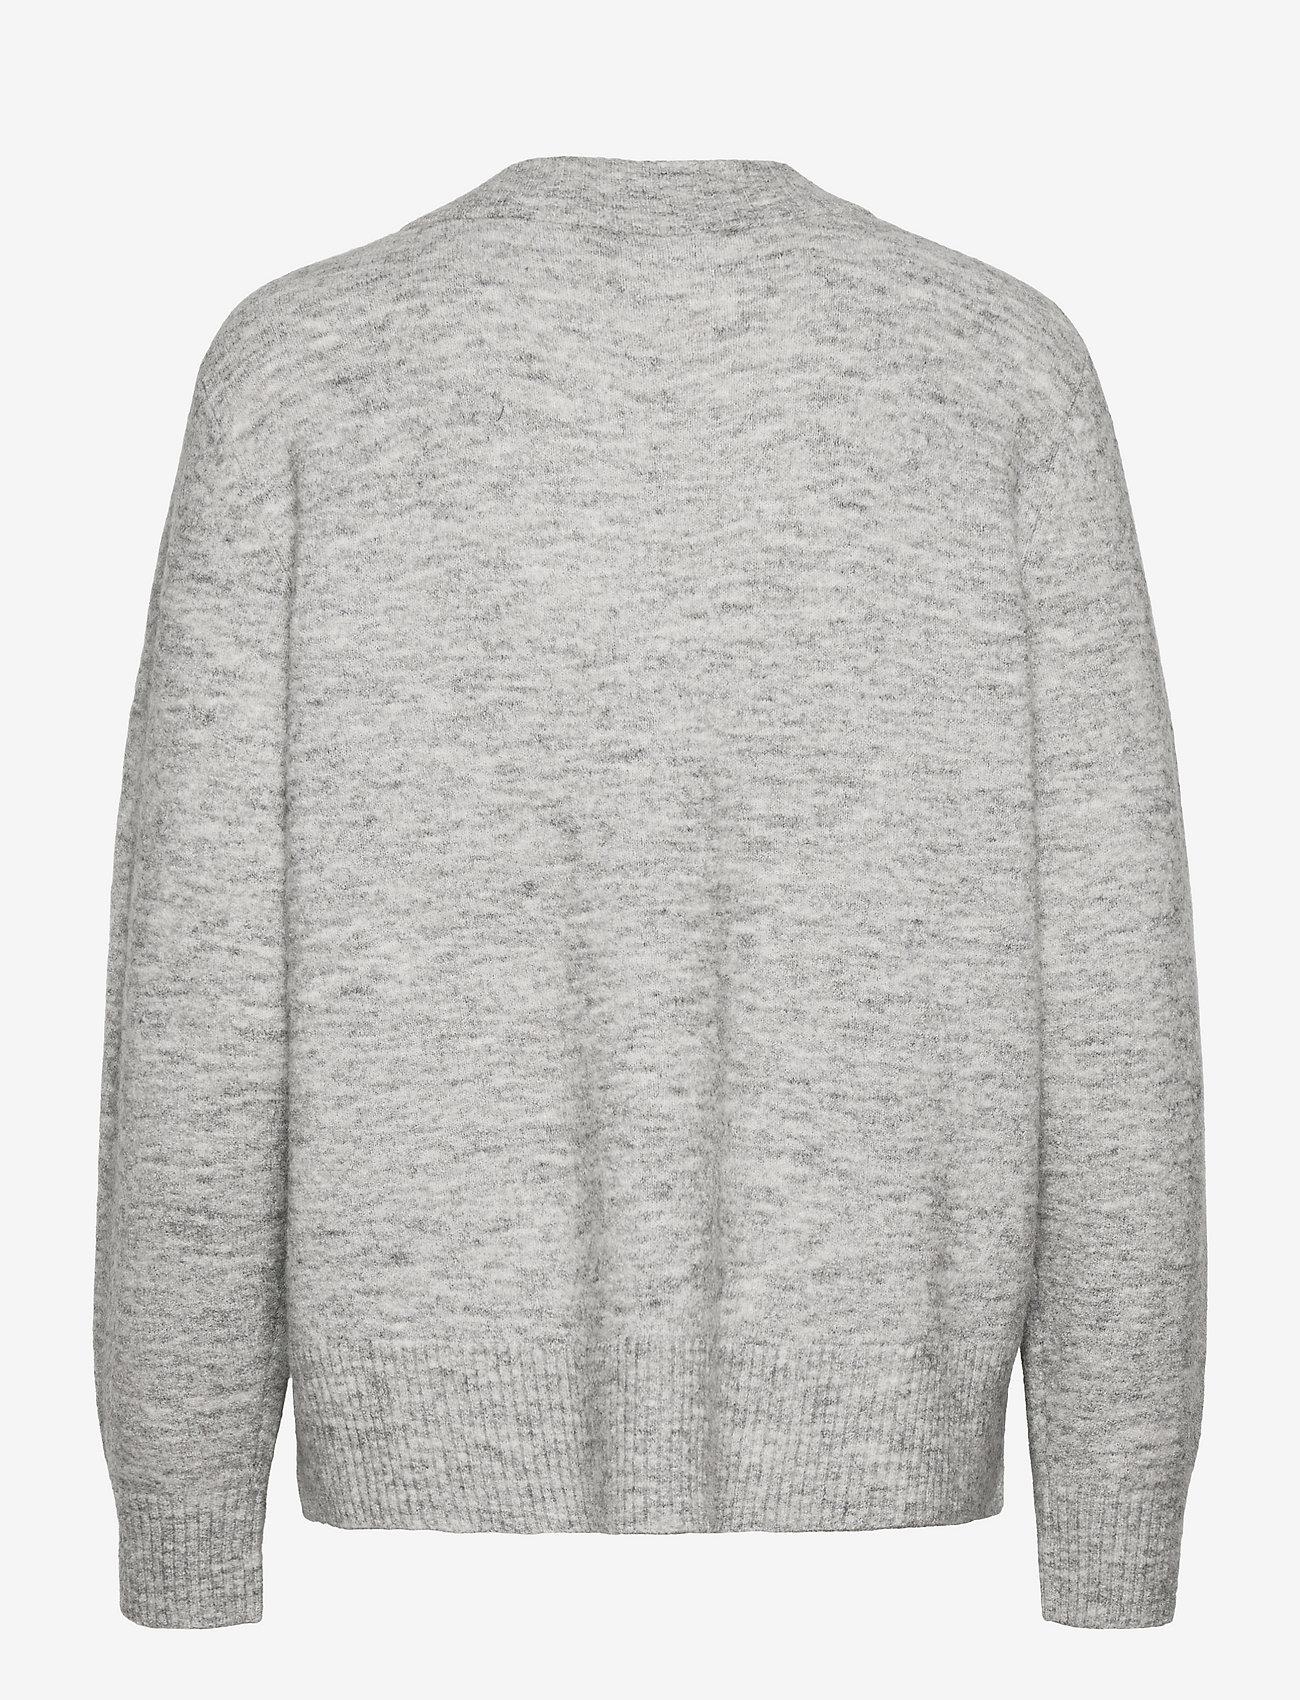 Stylein - ELLIE CARDIGAN - vesten - light grey - 1